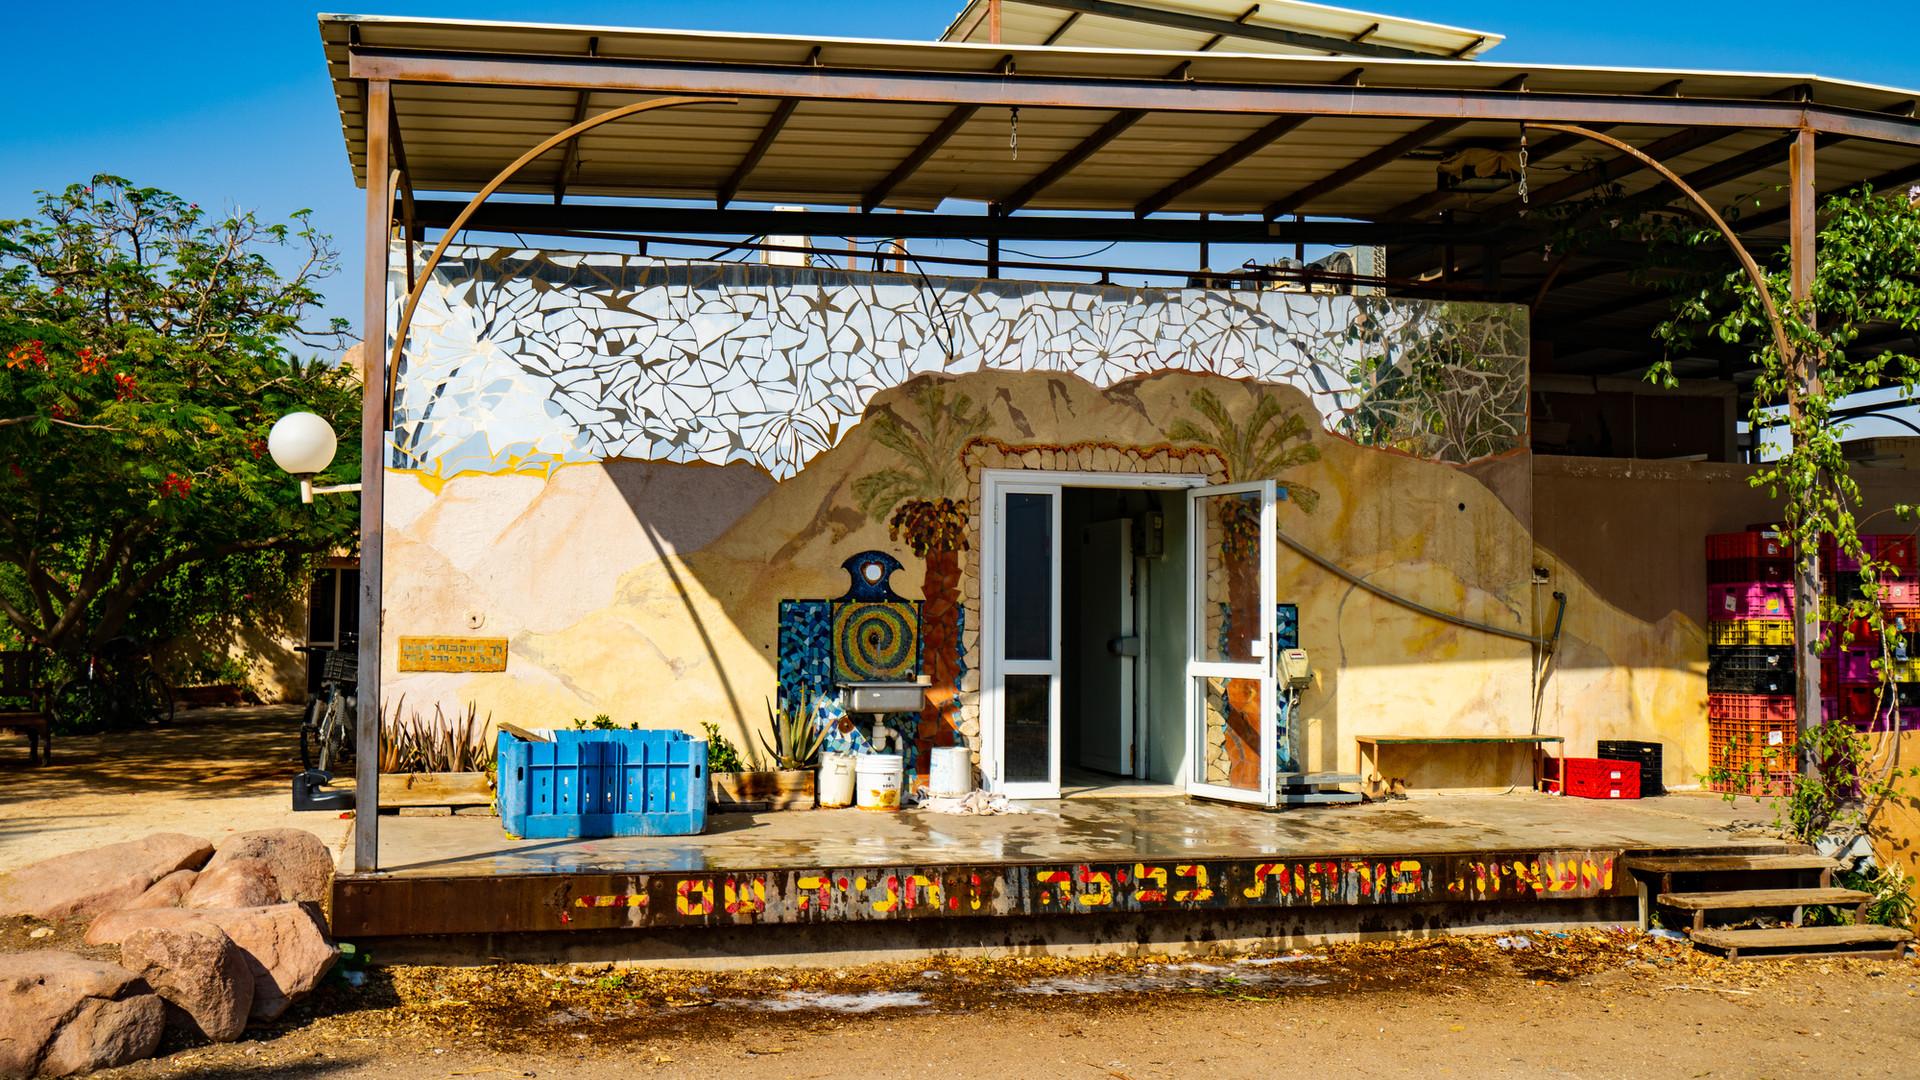 חזית חדר האוכל של קיבוץ סמר